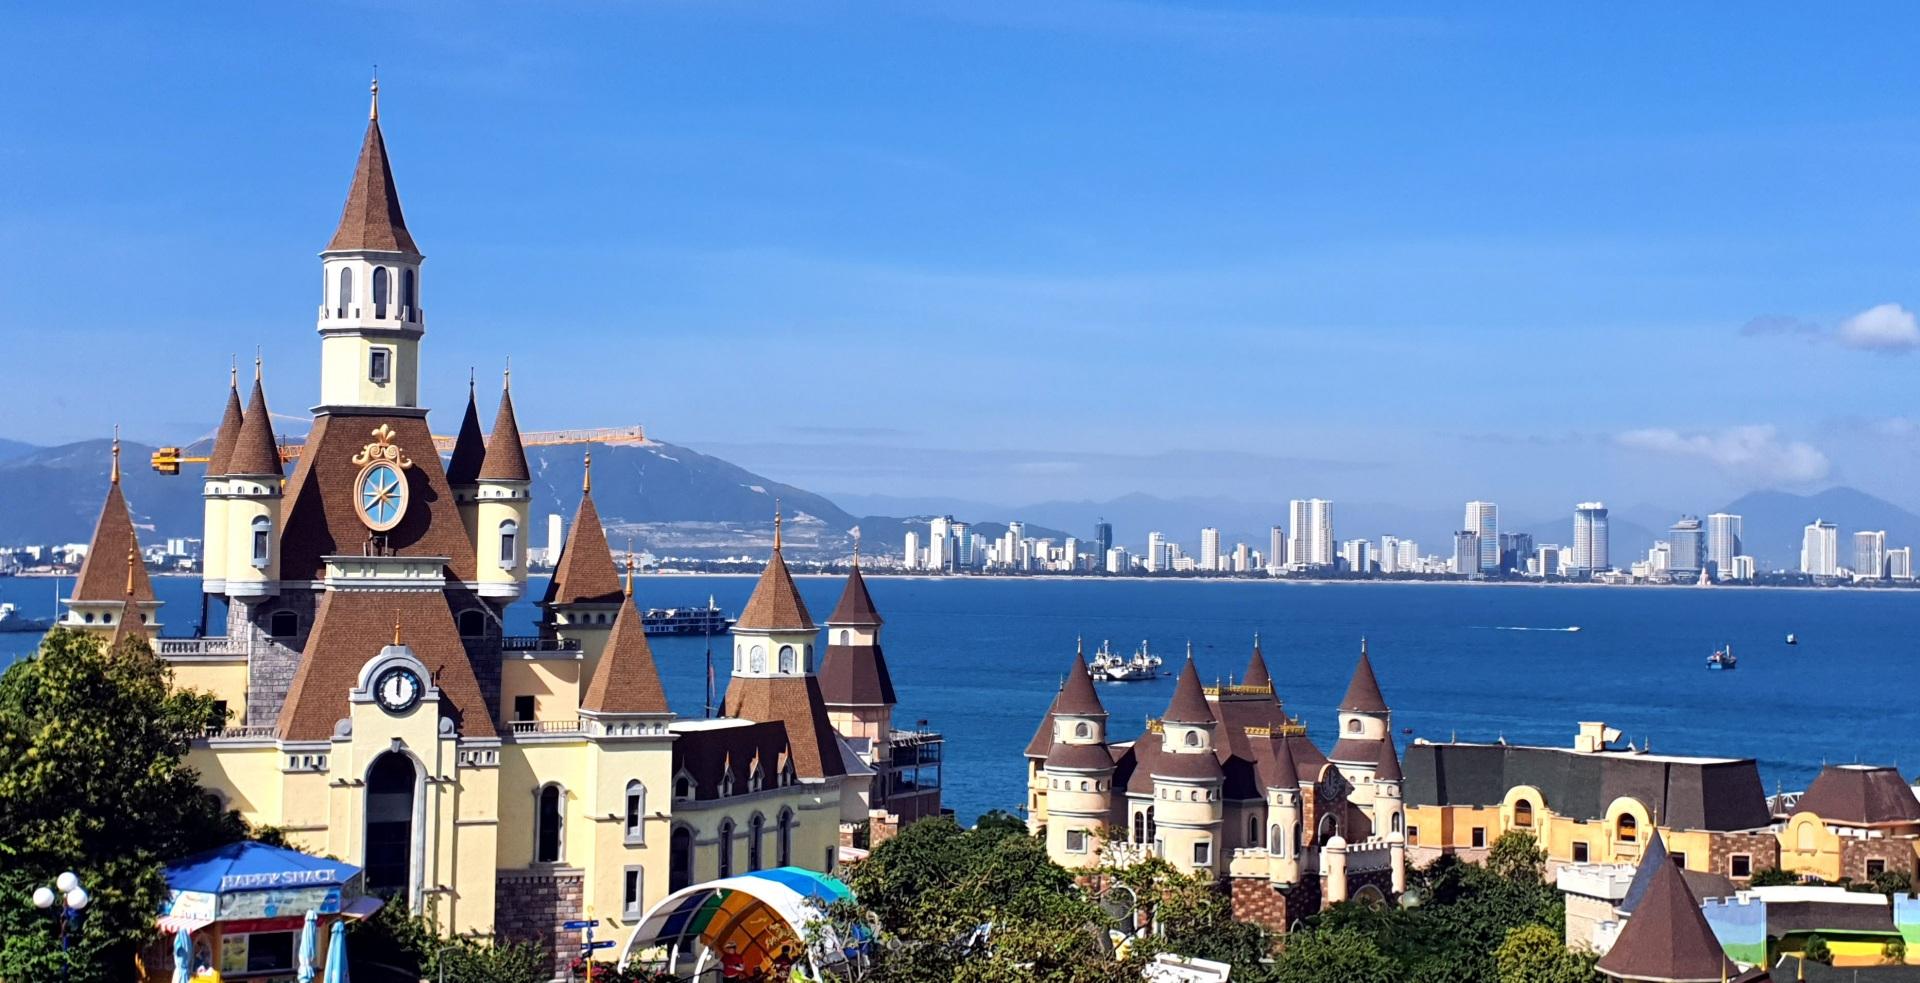 Chấn chỉnh công tác quản lý, cấp phép trạm trộn bê tông để thành phố Nha Trang xứng đáng là đô thị du lịch biển văn minh, thân thiện